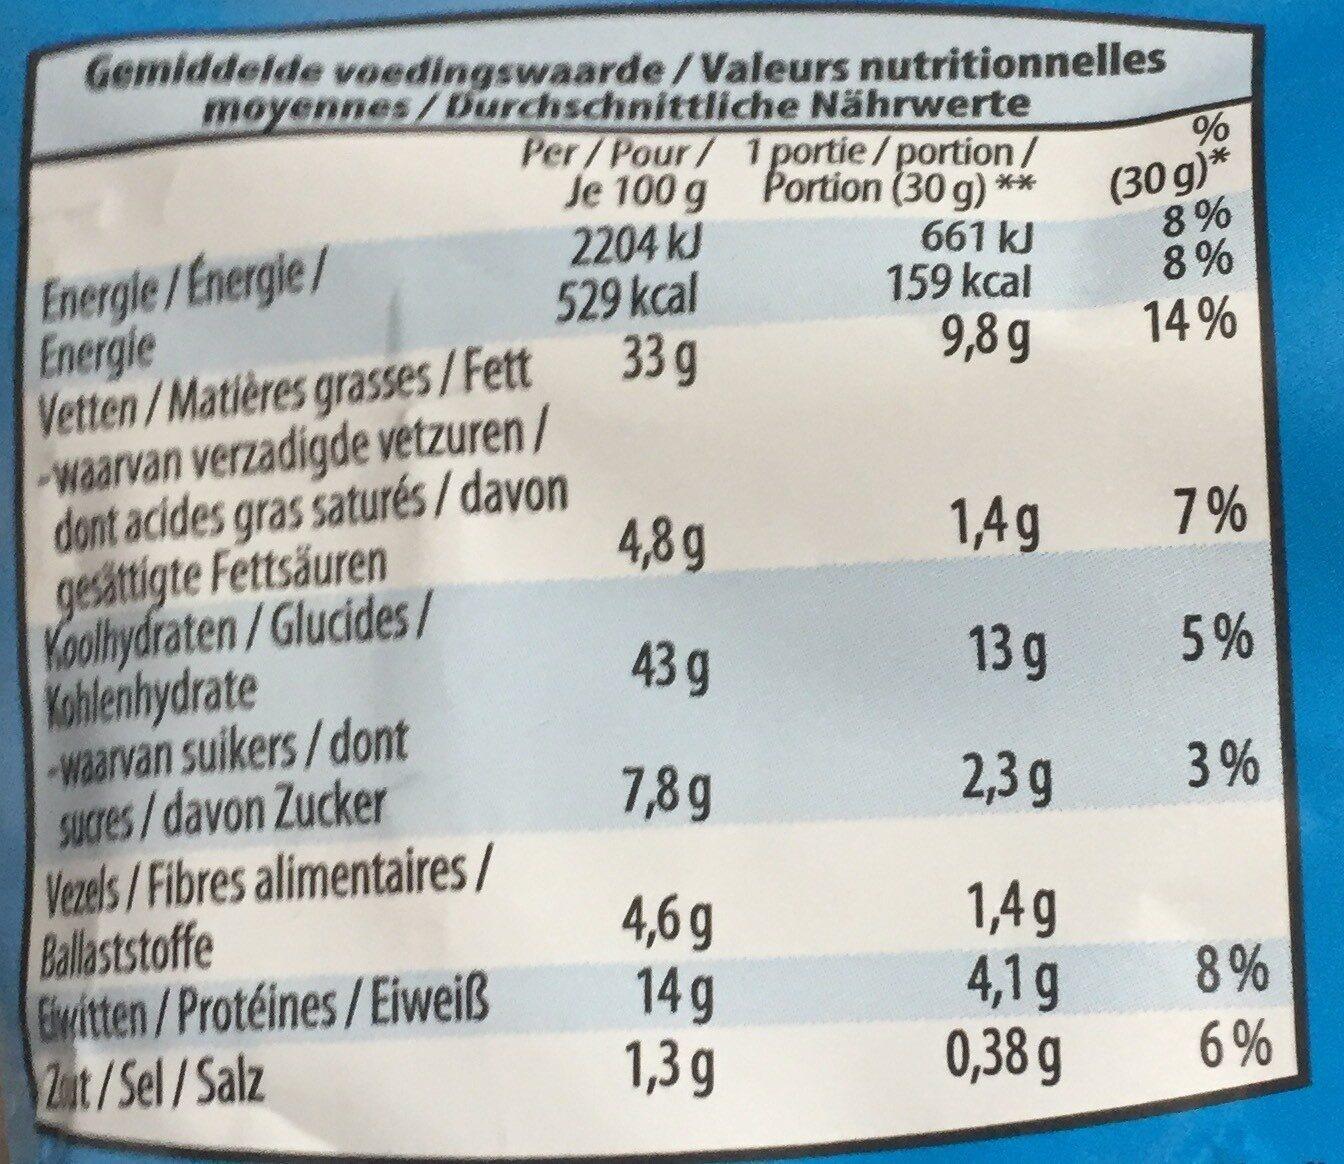 Cacahuètes Emrobées Cocktail - Nutrition facts - fr